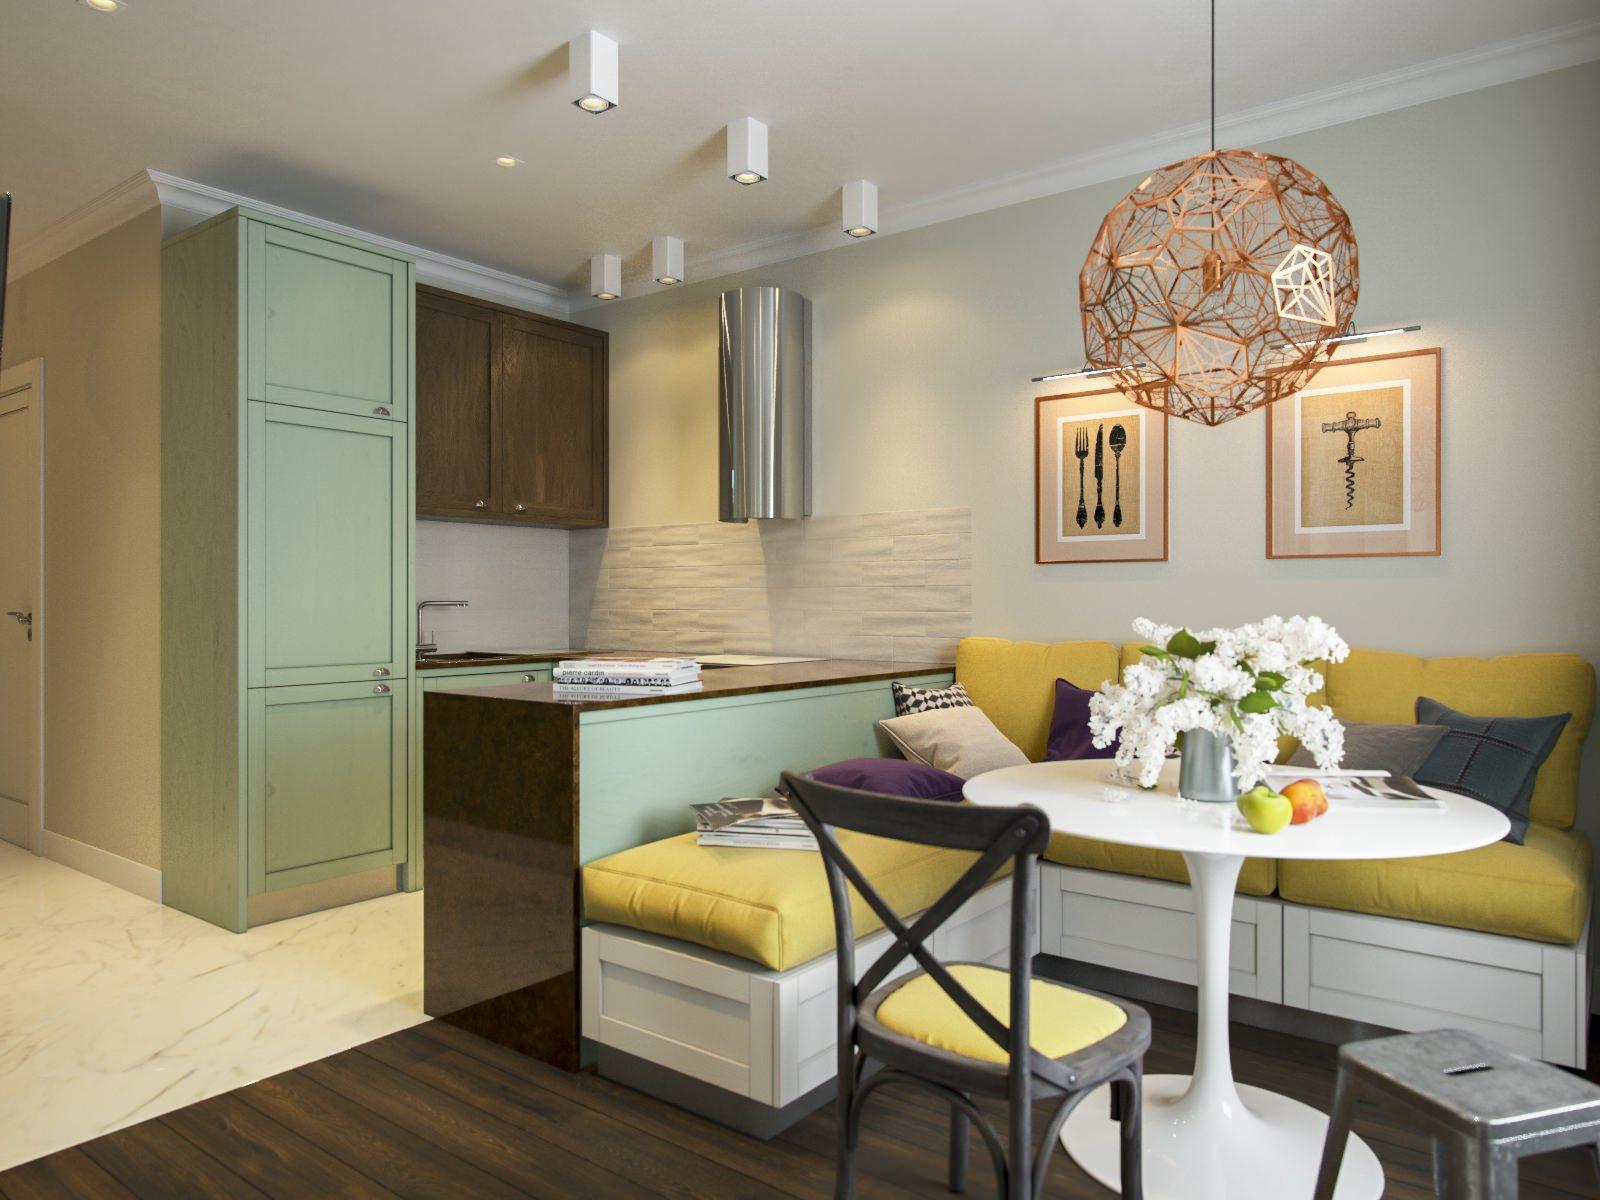 дизайн кухни гостиной 15 квм фото 2